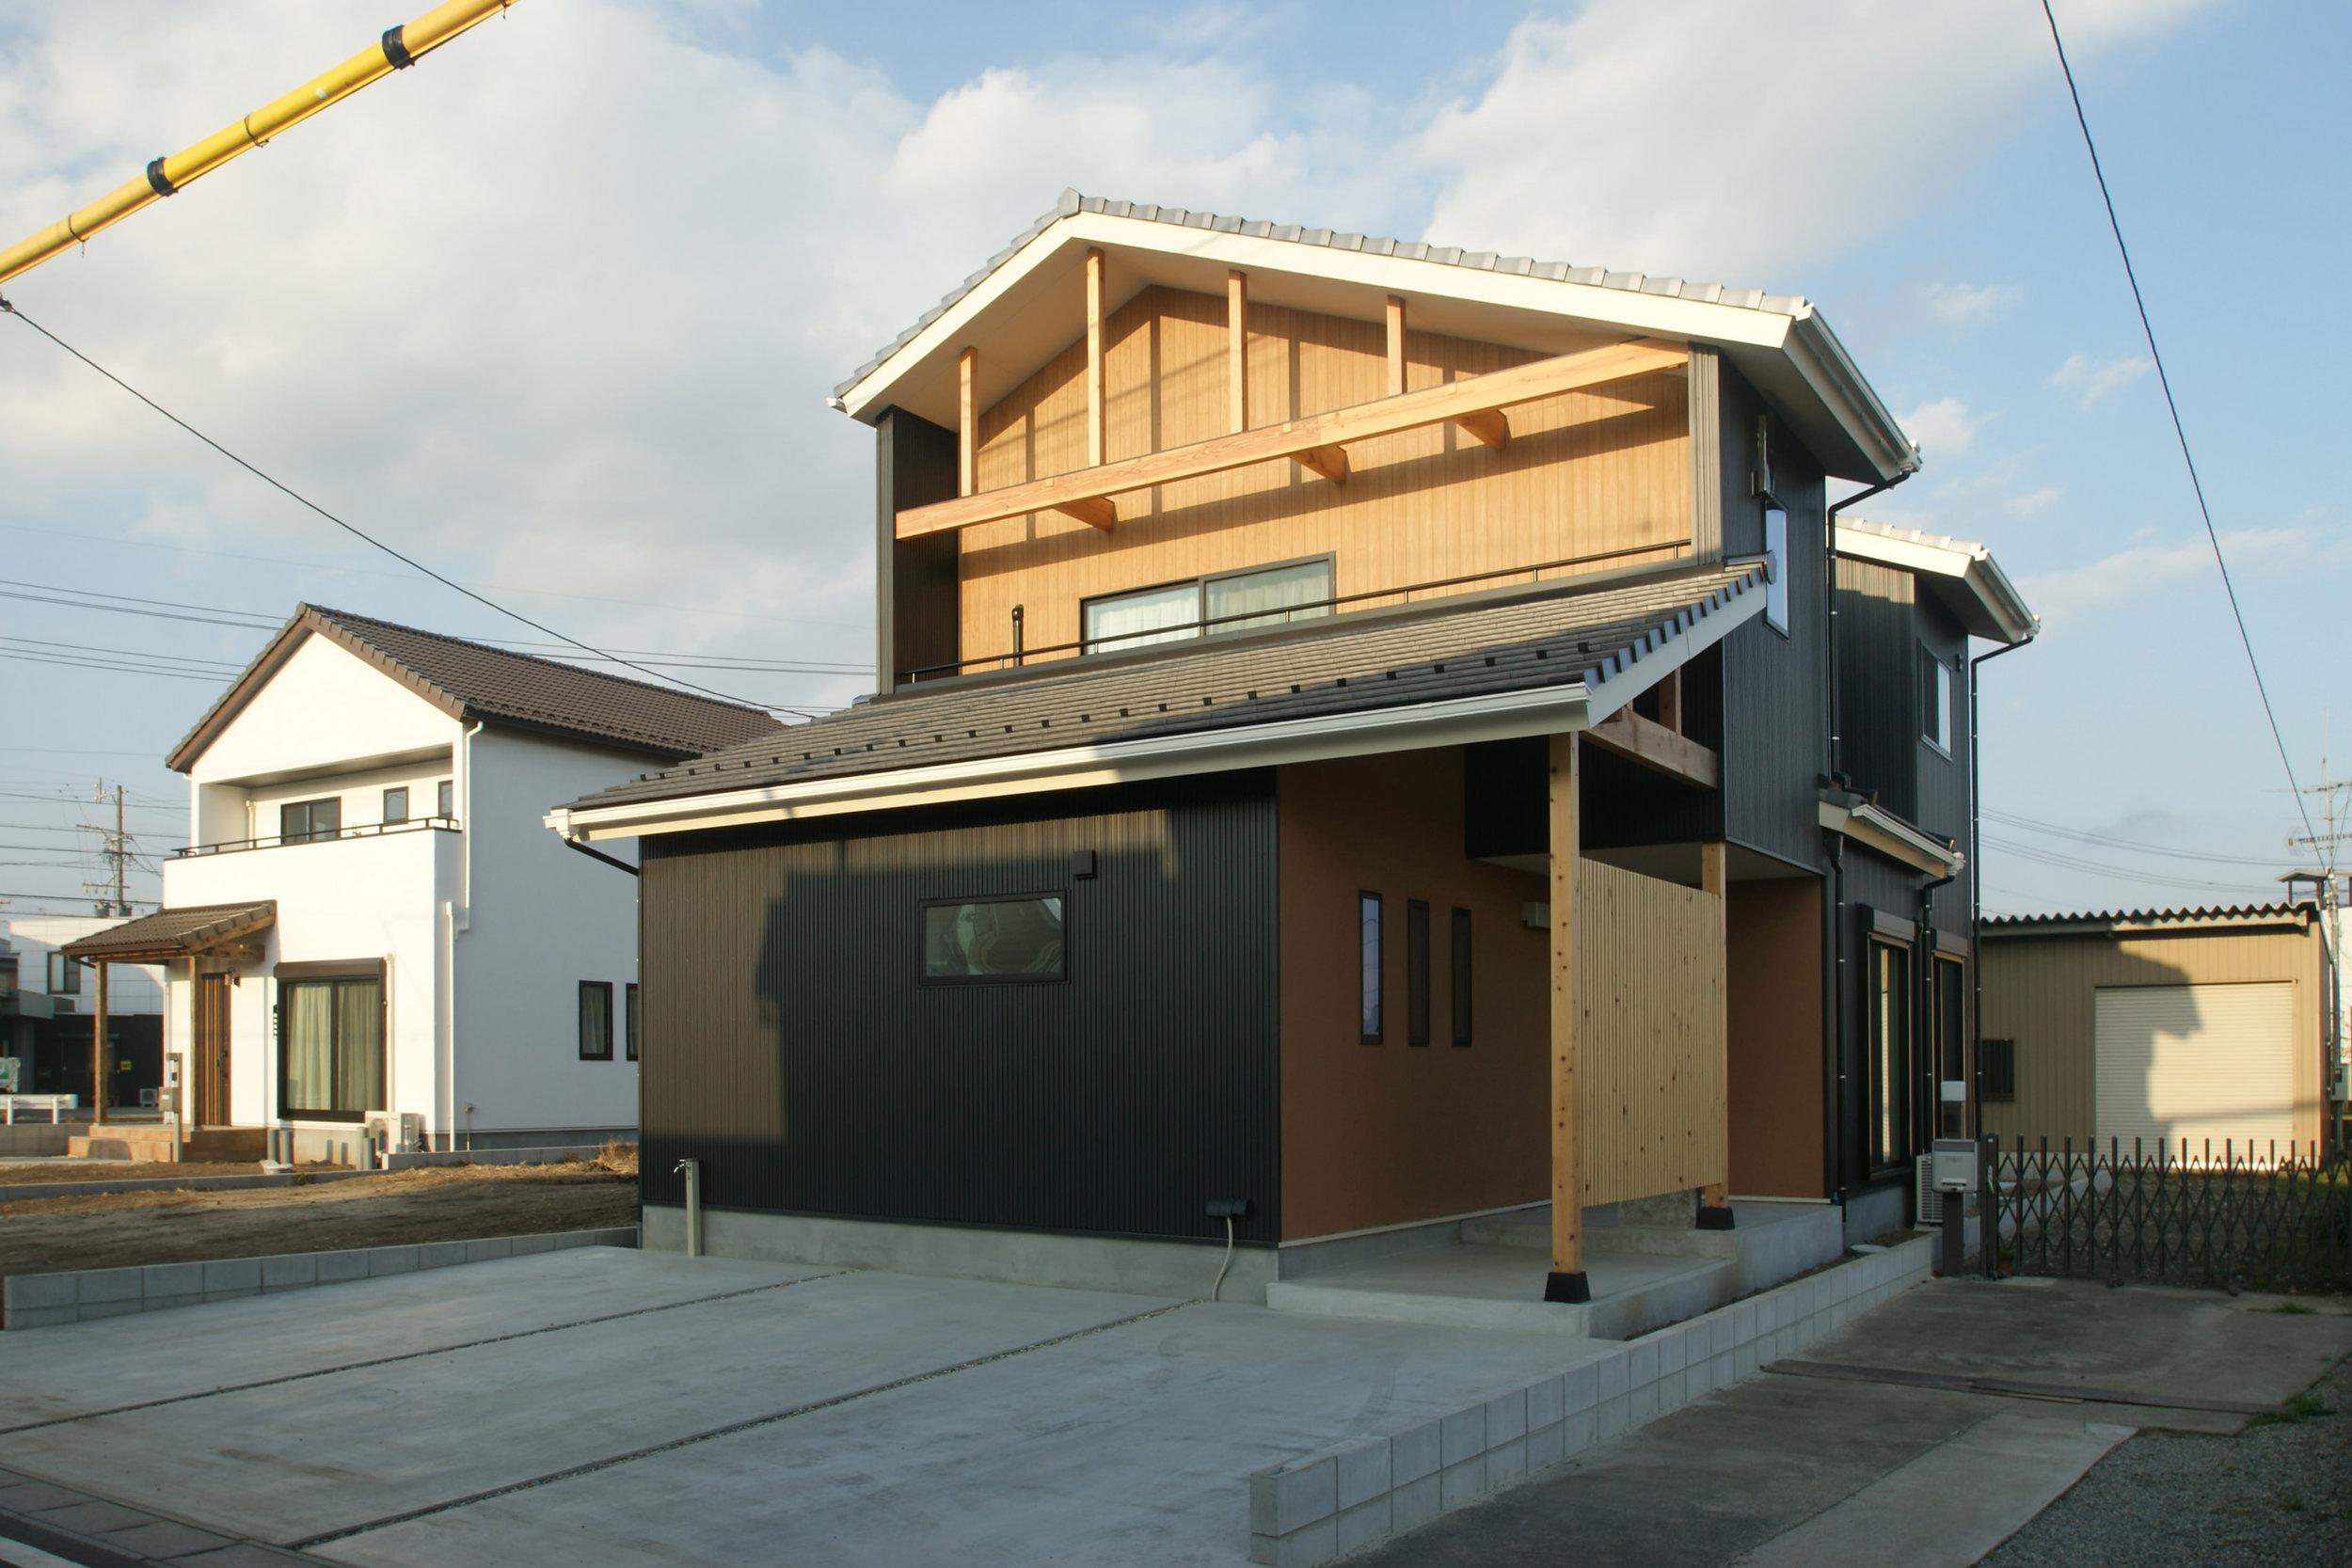 成正建装 愛知県 犬山市 新築 リフォーム 古民家再生 家づくり29.JPG